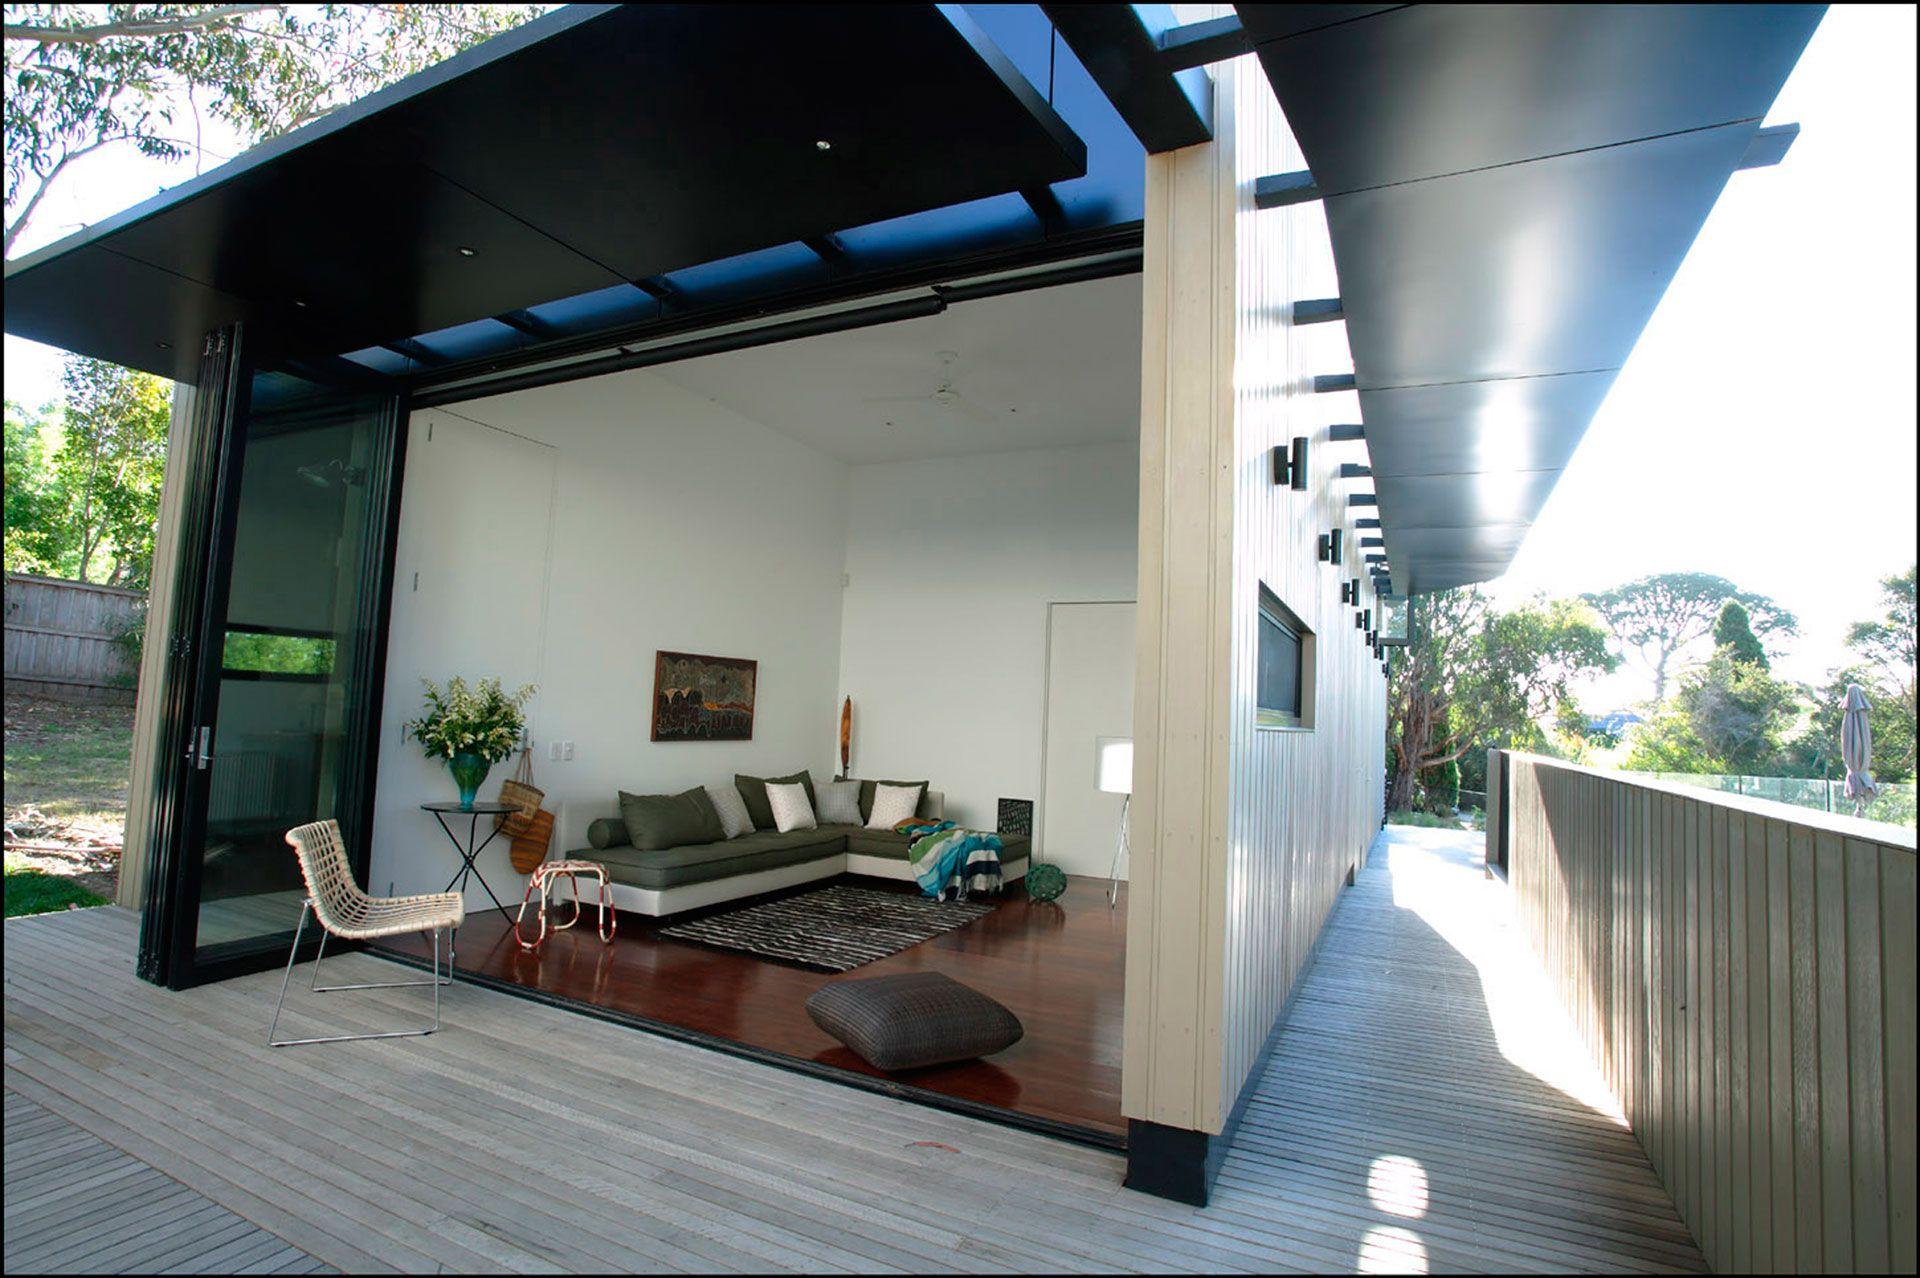 Bdlc mcbride house 06 wr